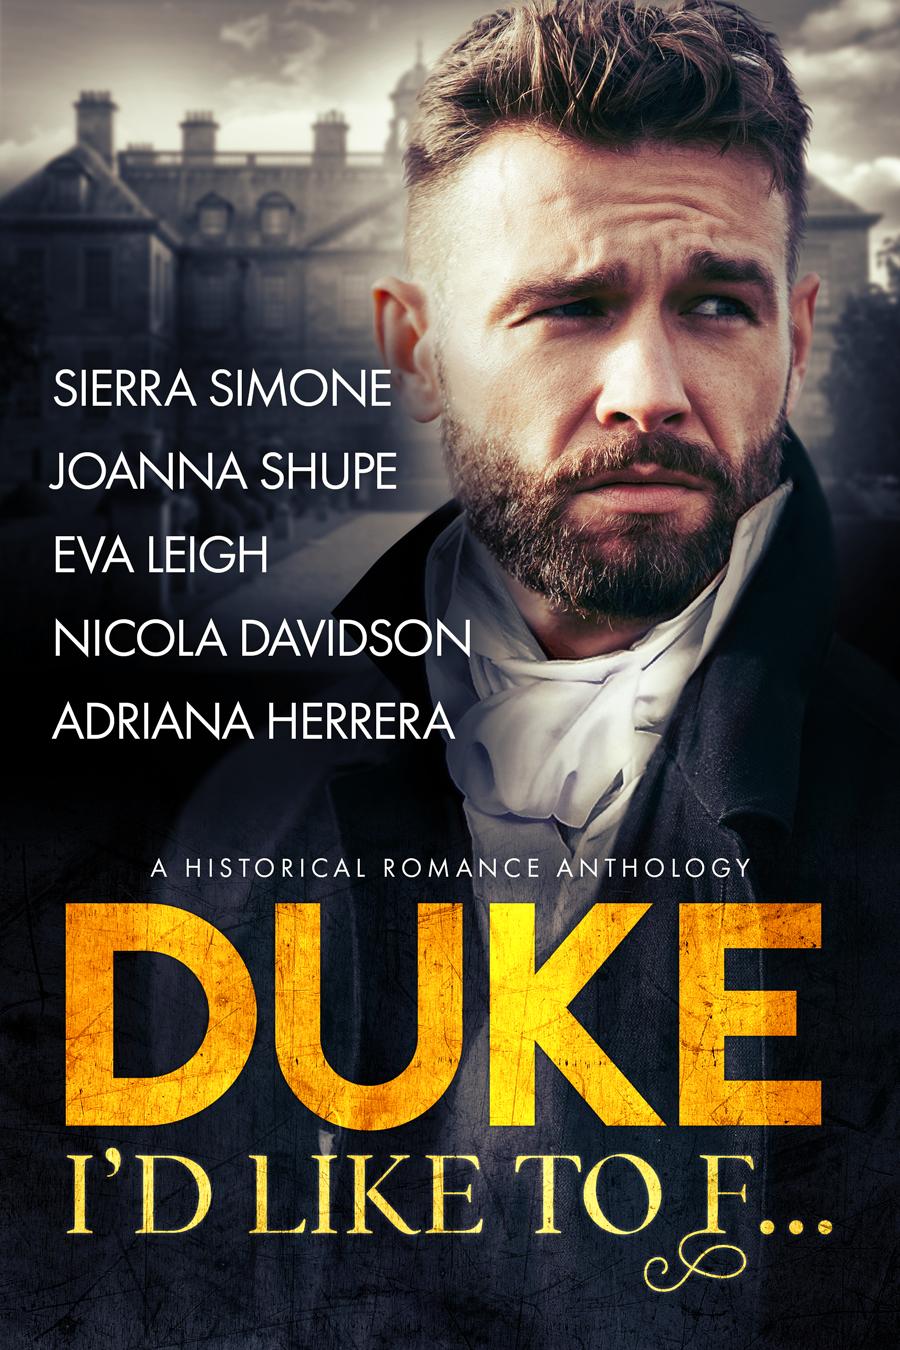 DukeIdLikeToF-f900-social-media